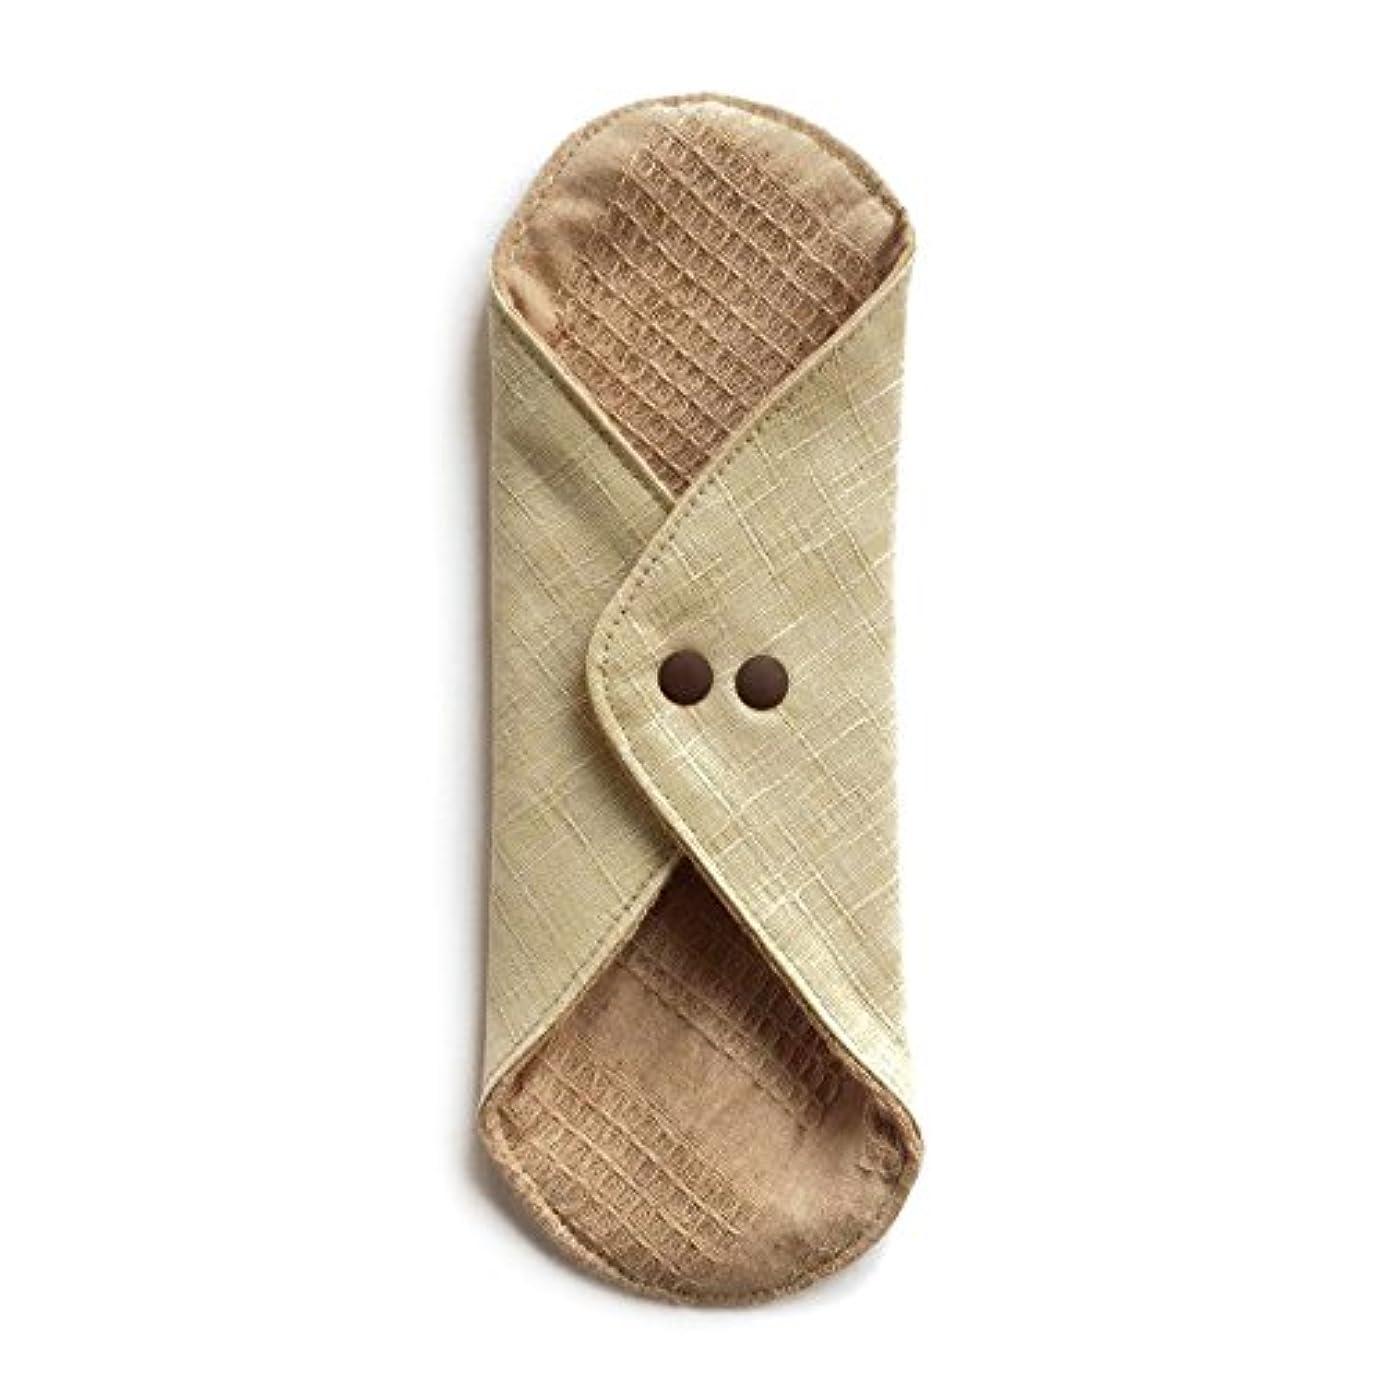 中性ロマンス以上華布のオーガニックコットンのあたため布 Lサイズ (約18×約20.5×約0.5cm) 彩り(百合)